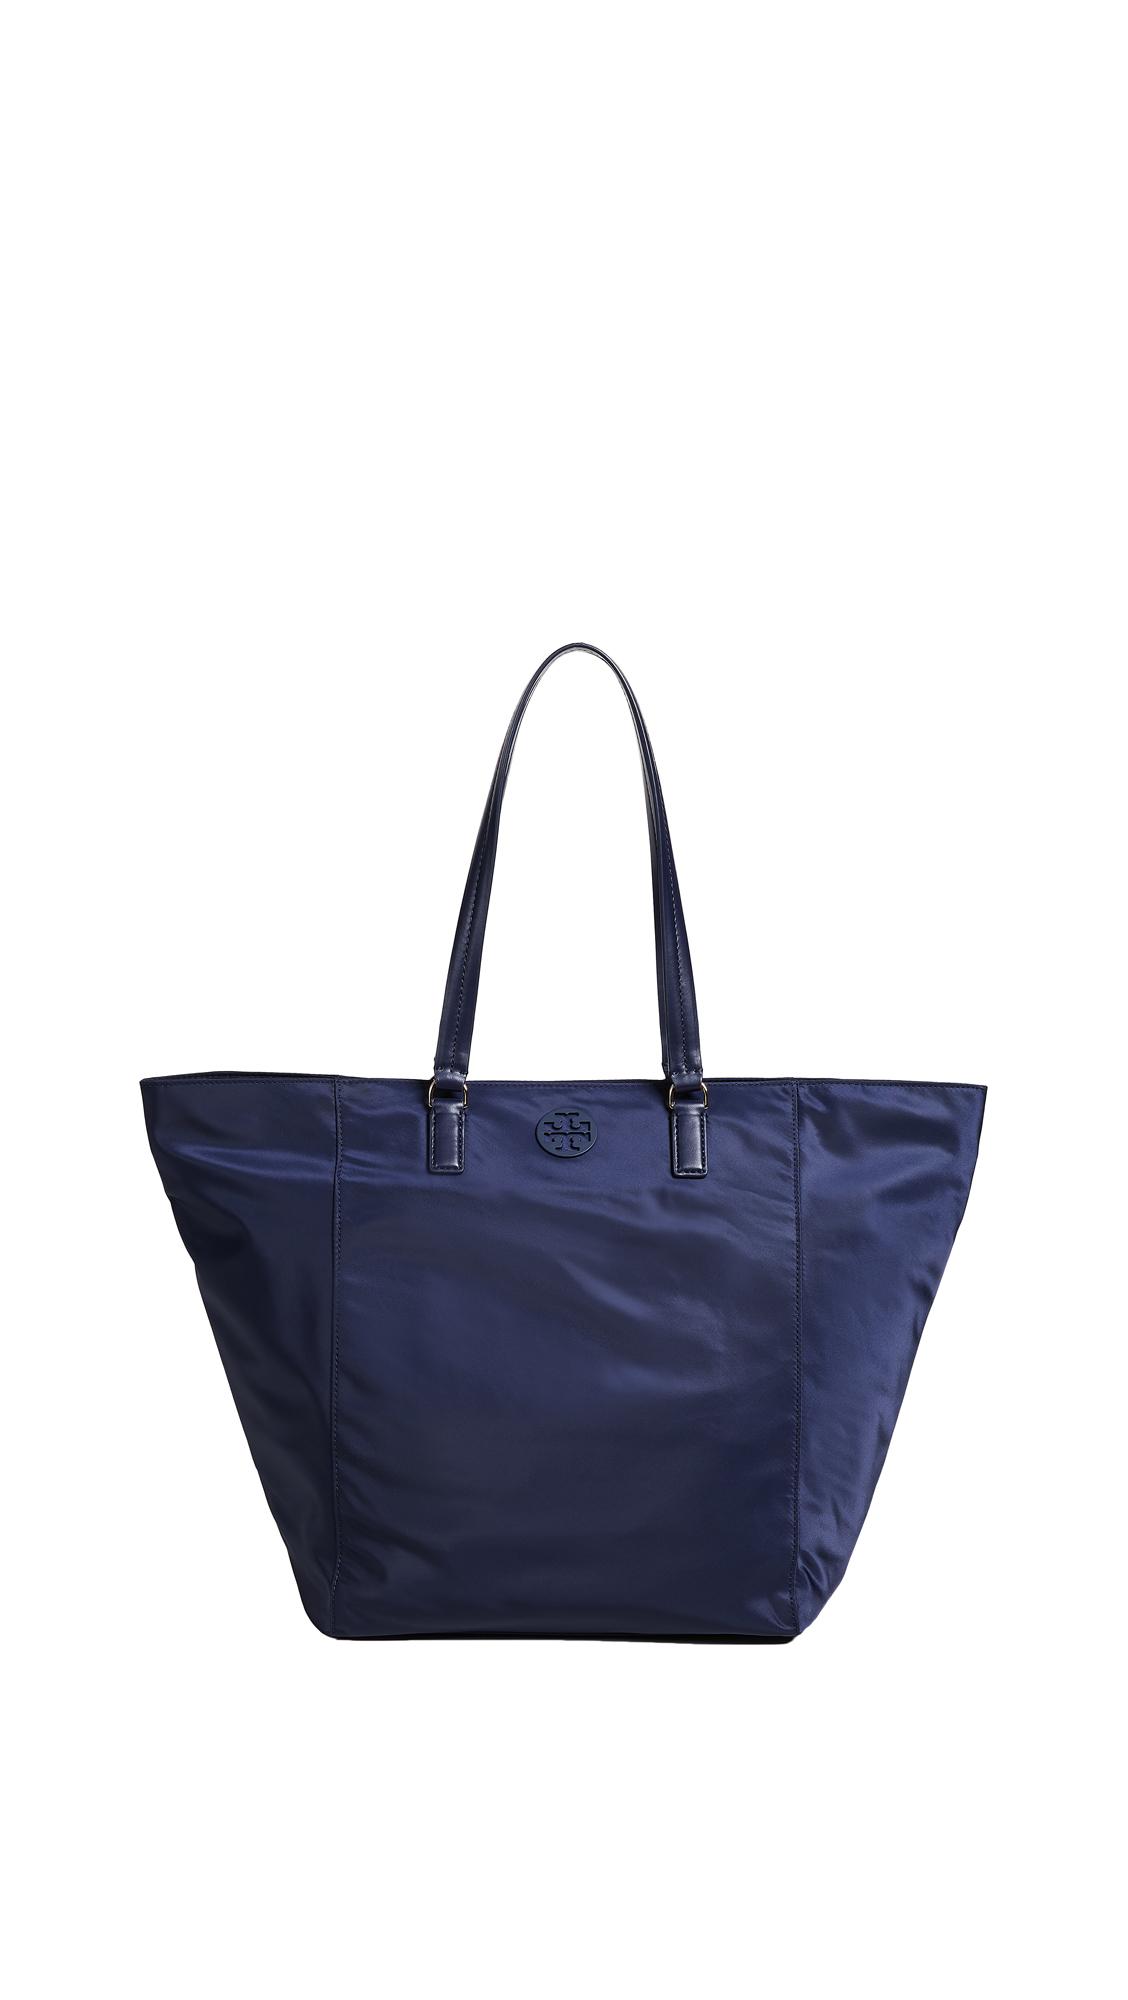 Tilda Nylon Tote - Blue, Tory Navy